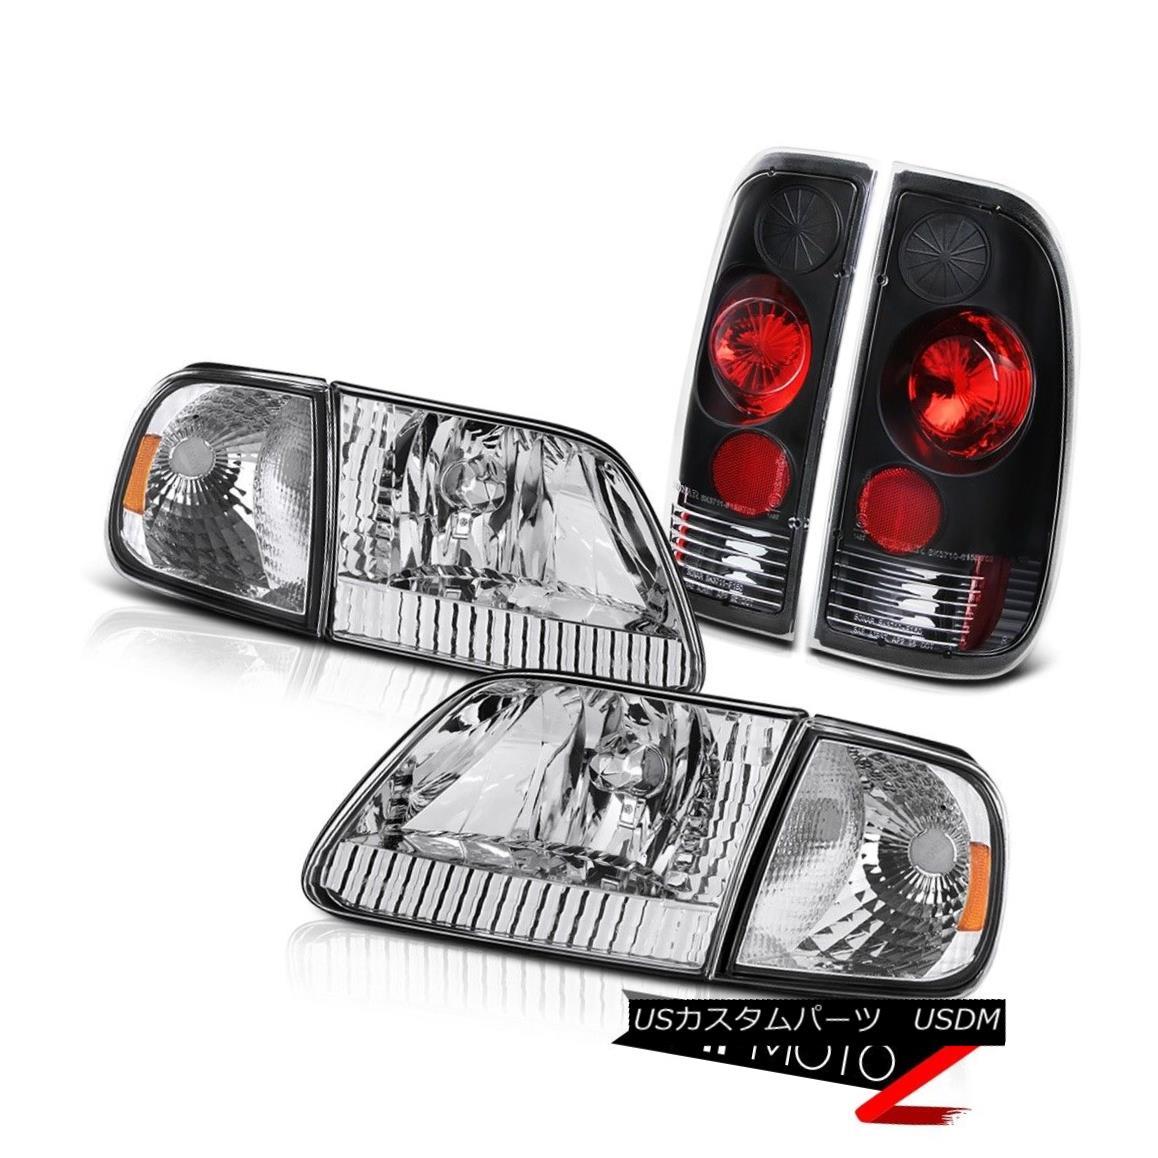 テールライト 97 98 99 00 01 02 03 Ford F150 Crystal Headlights Corner Black Parking Tail Lamp 97 98 99 00 01 02 03フォードF150クリスタルヘッドライトコーナーブラックパーキングテールランプ